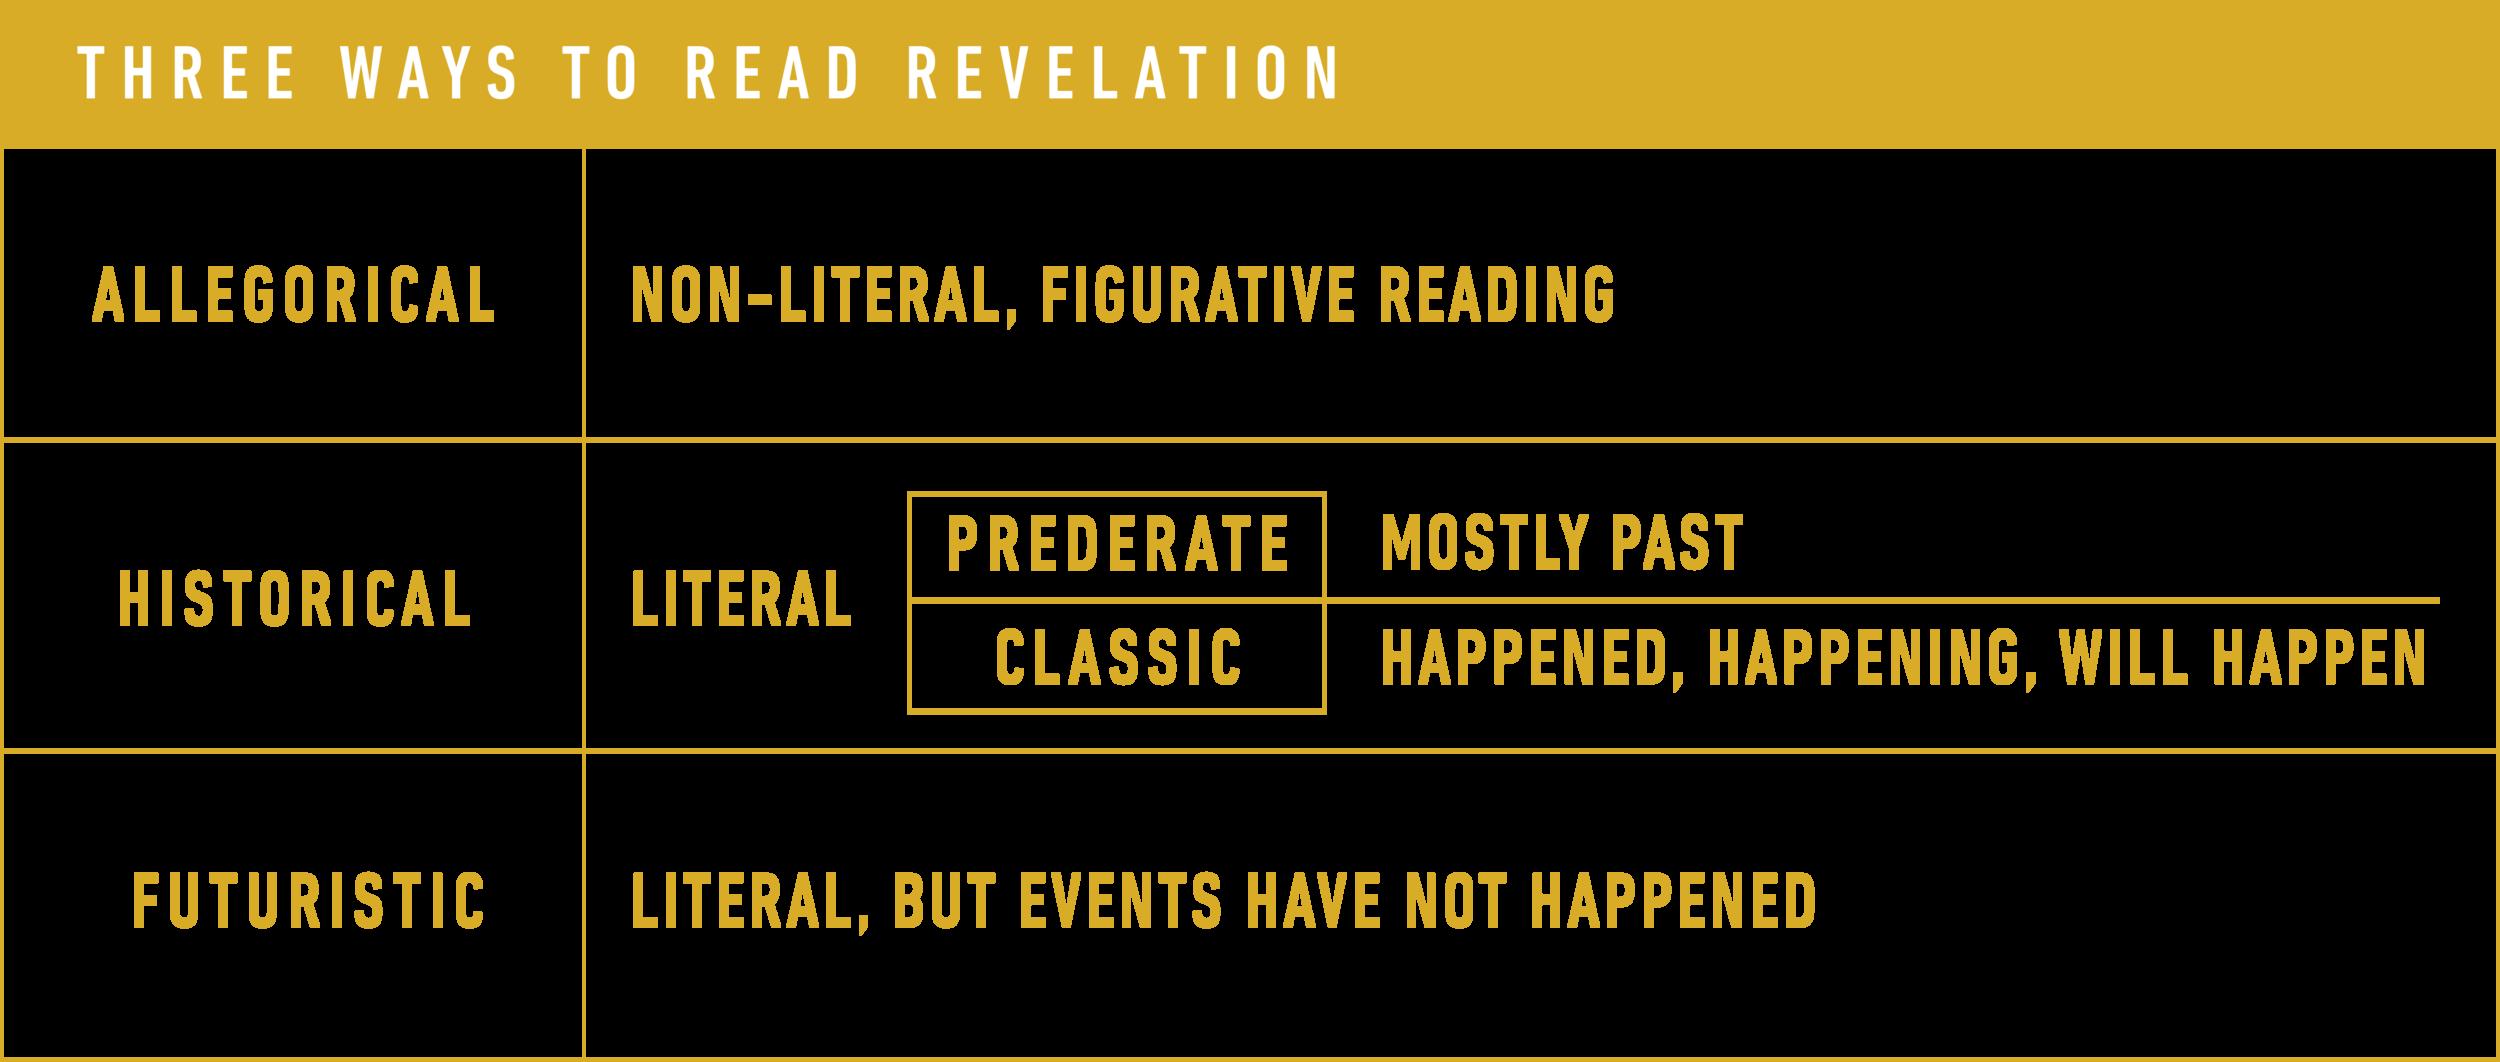 revelation1.png